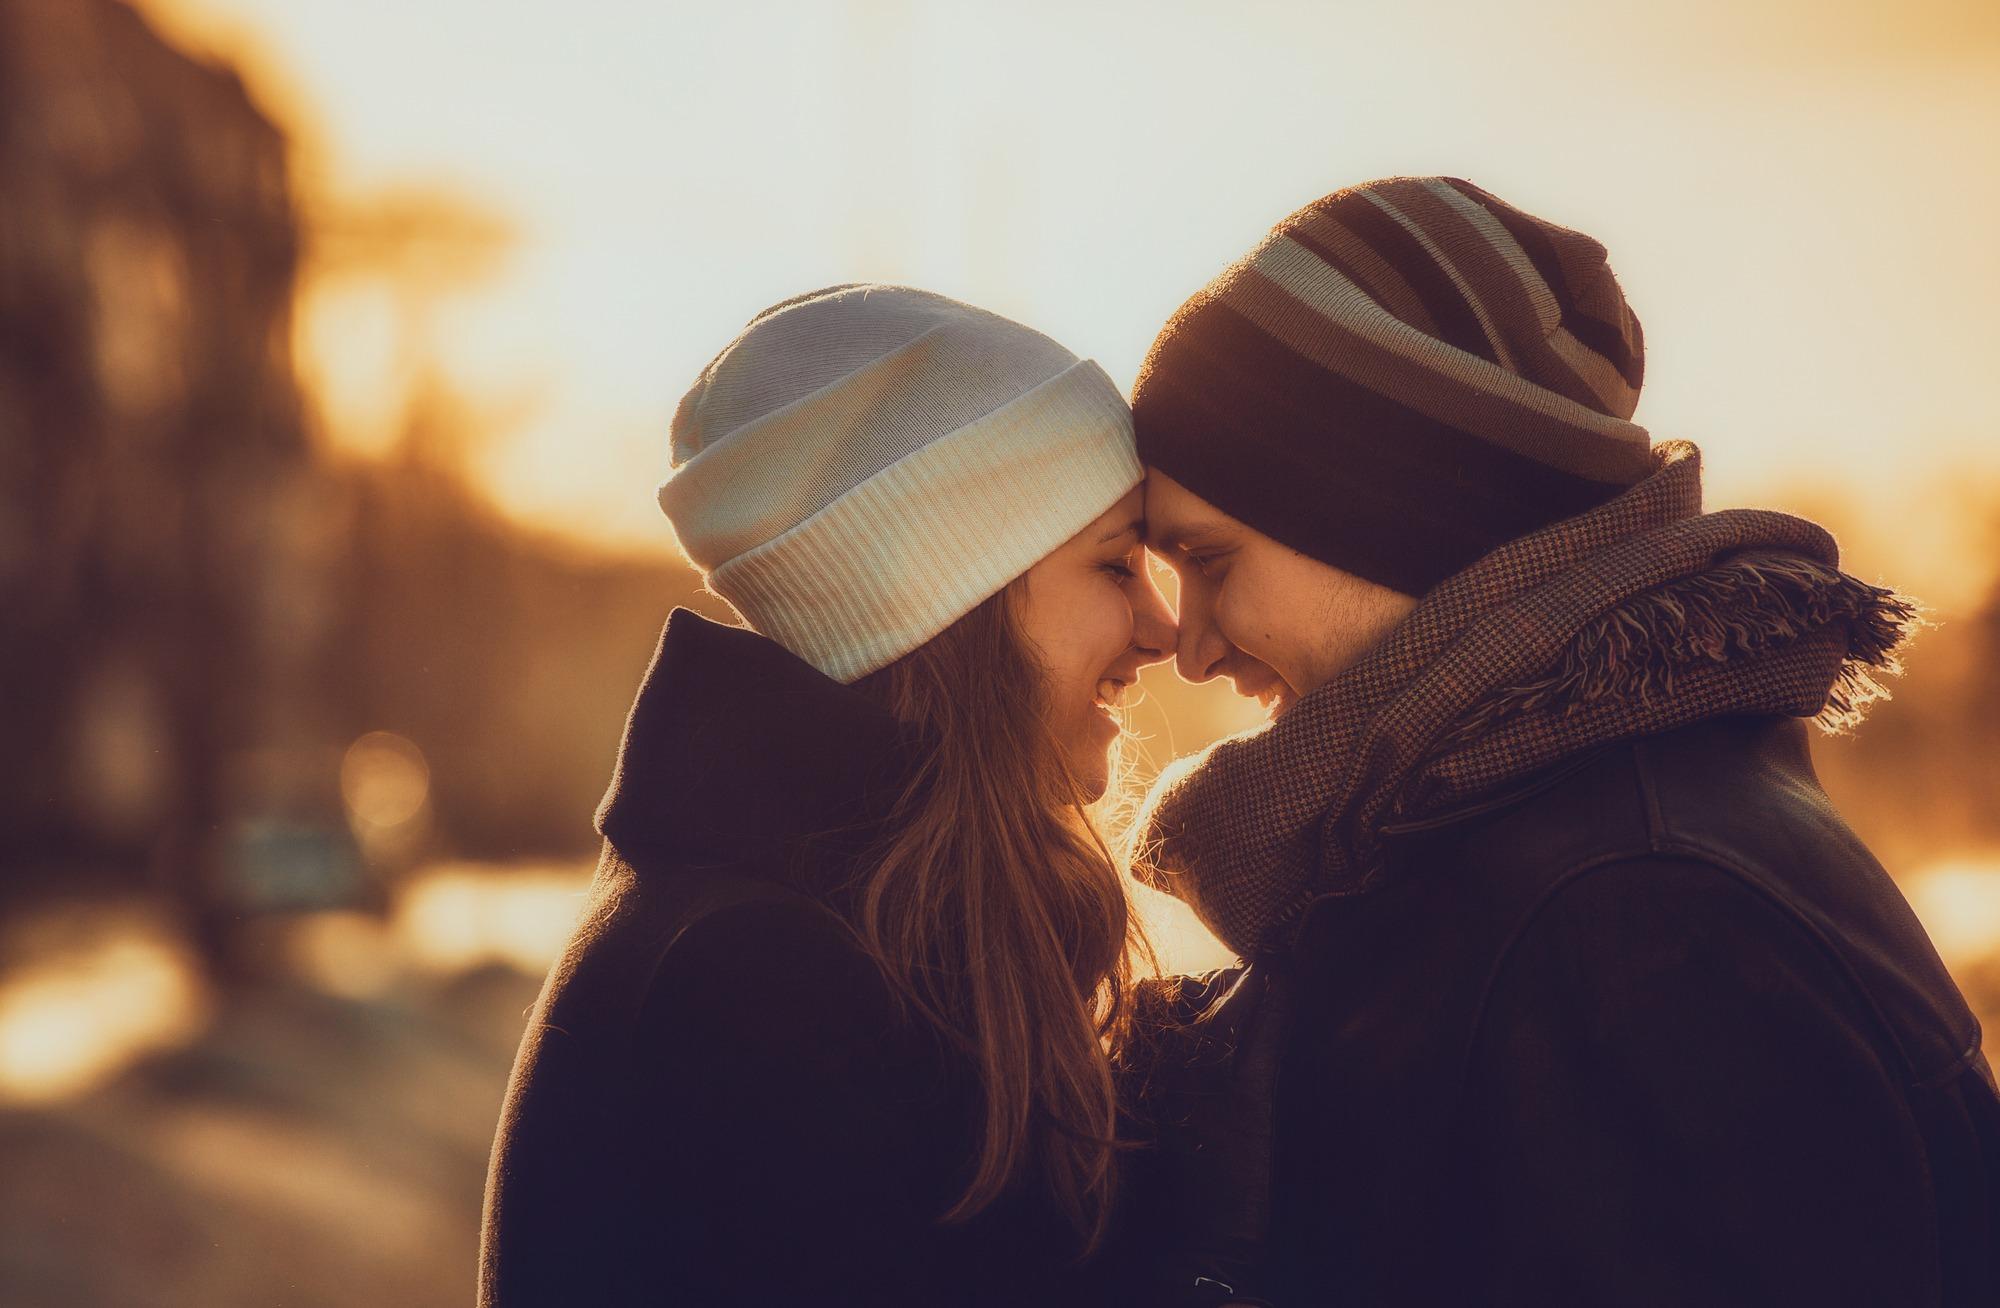 online dating Jak dlouho čekáte na odpověď na e-mail 20 let datování 17 let